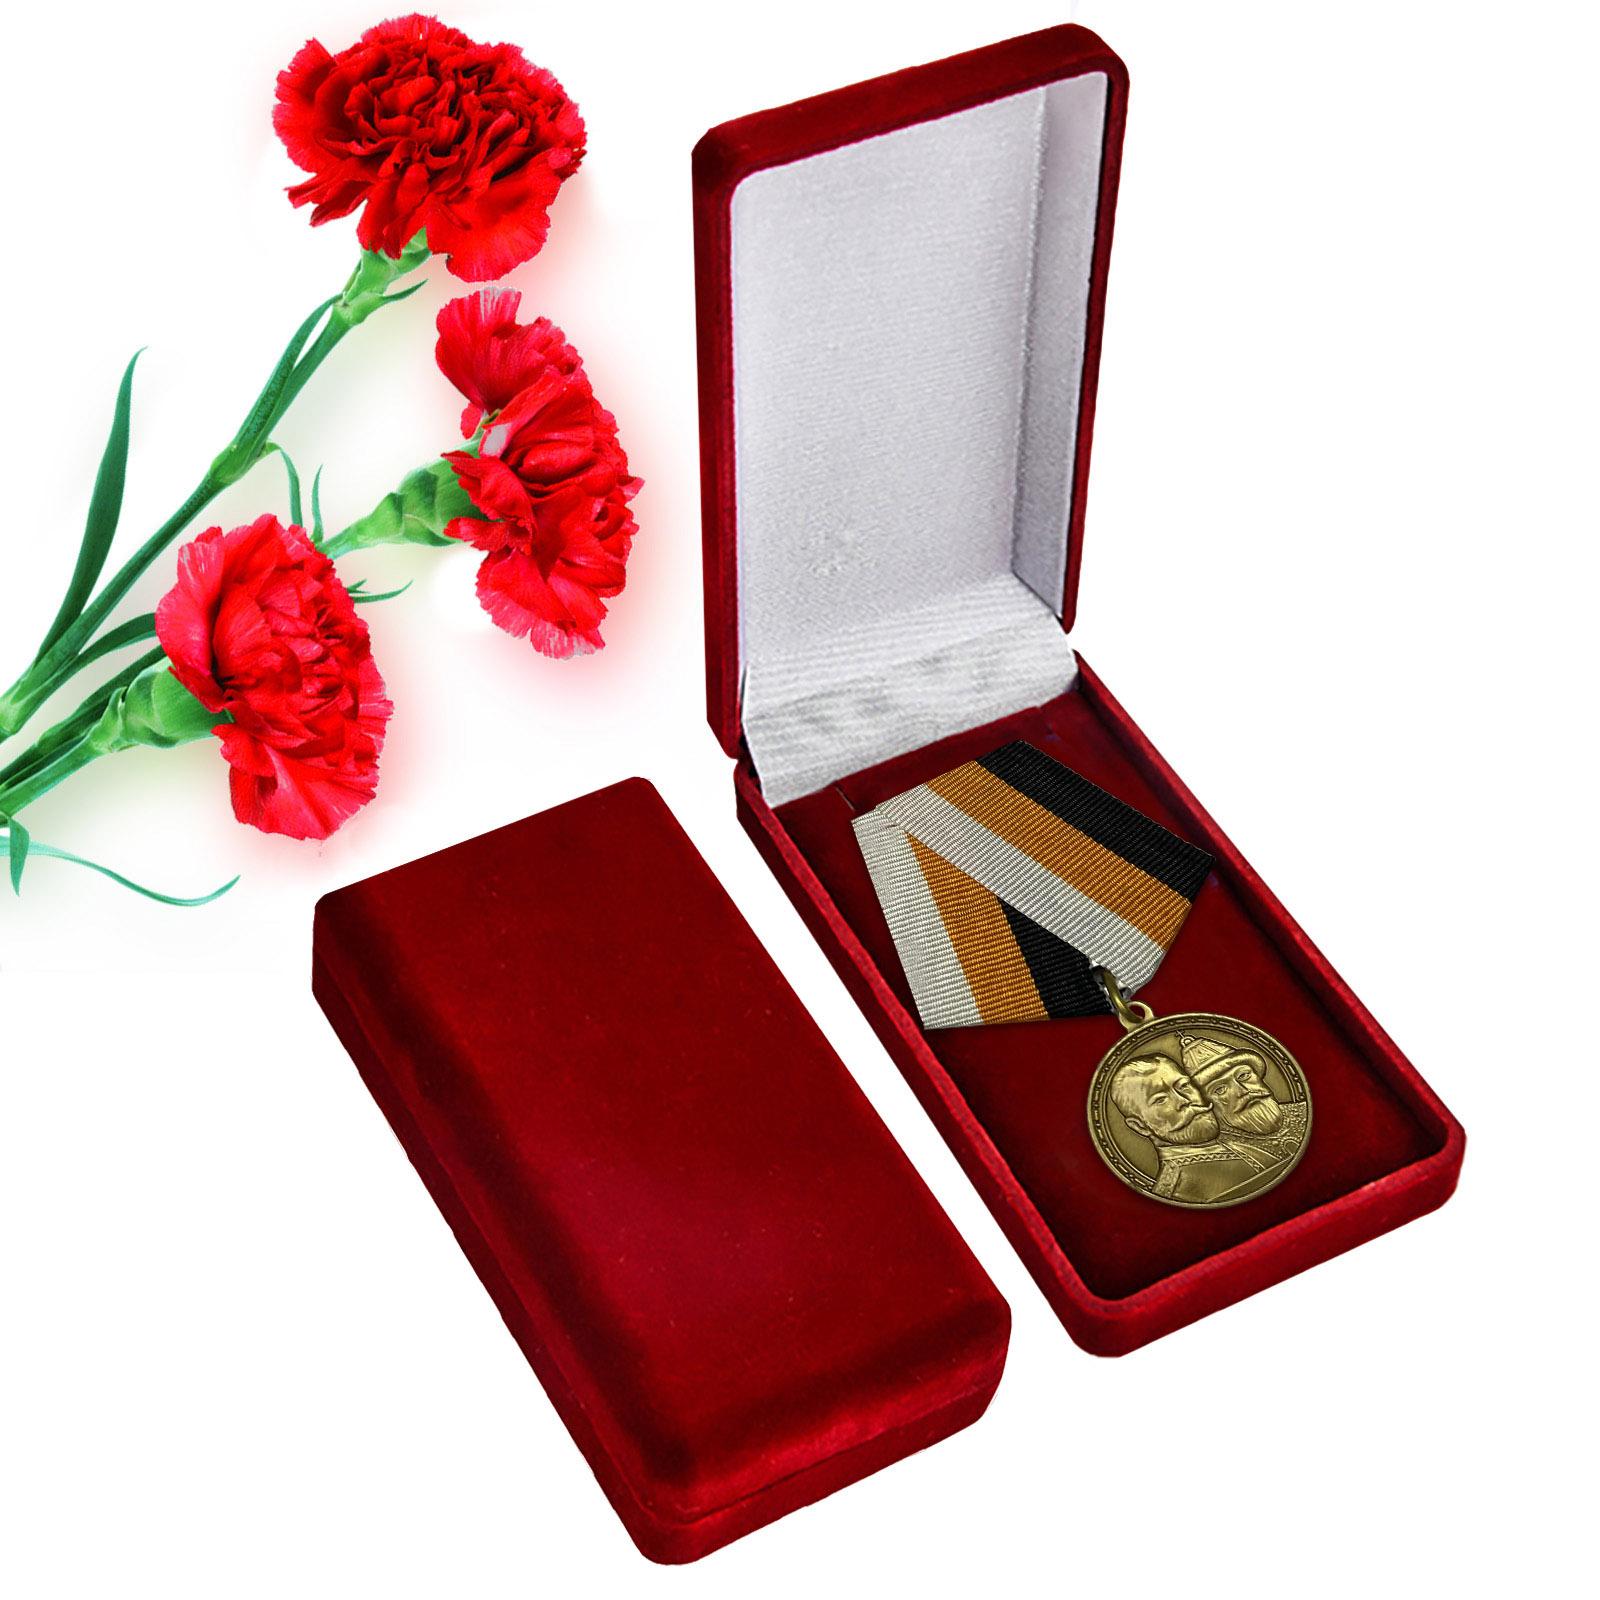 Купить памятную медаль В память 300-летия царствования дома Романовых в подарок